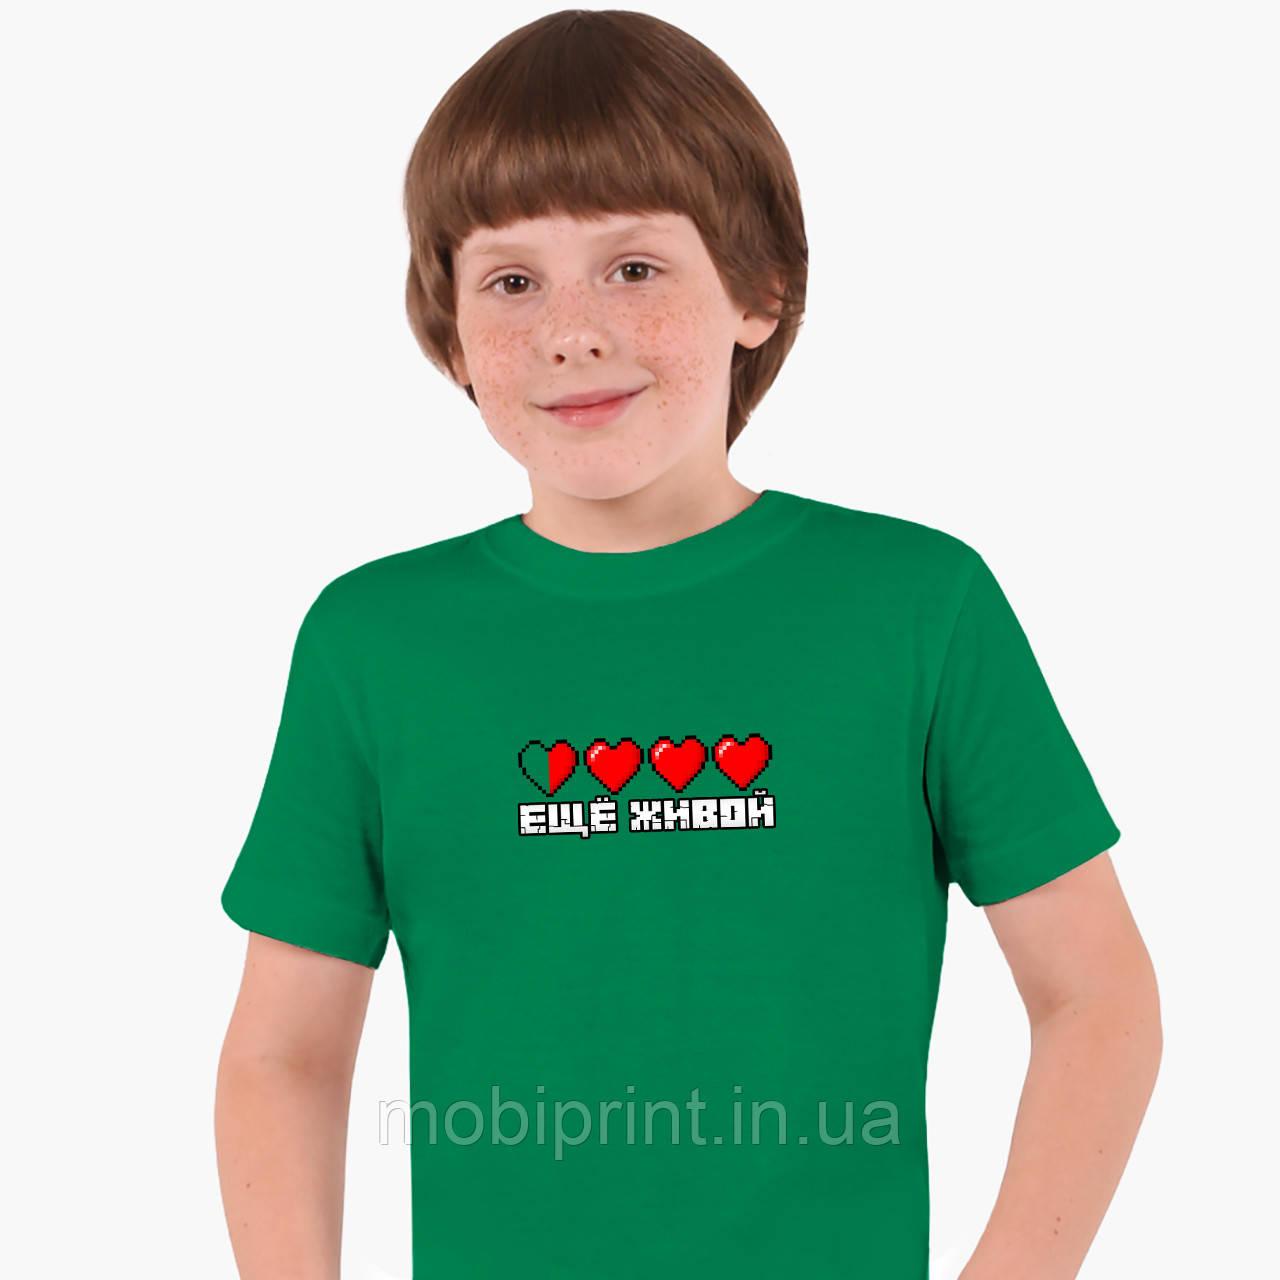 Детская футболка для мальчиков Майнкрафт (Minecraft) (25186-1172) Зеленый